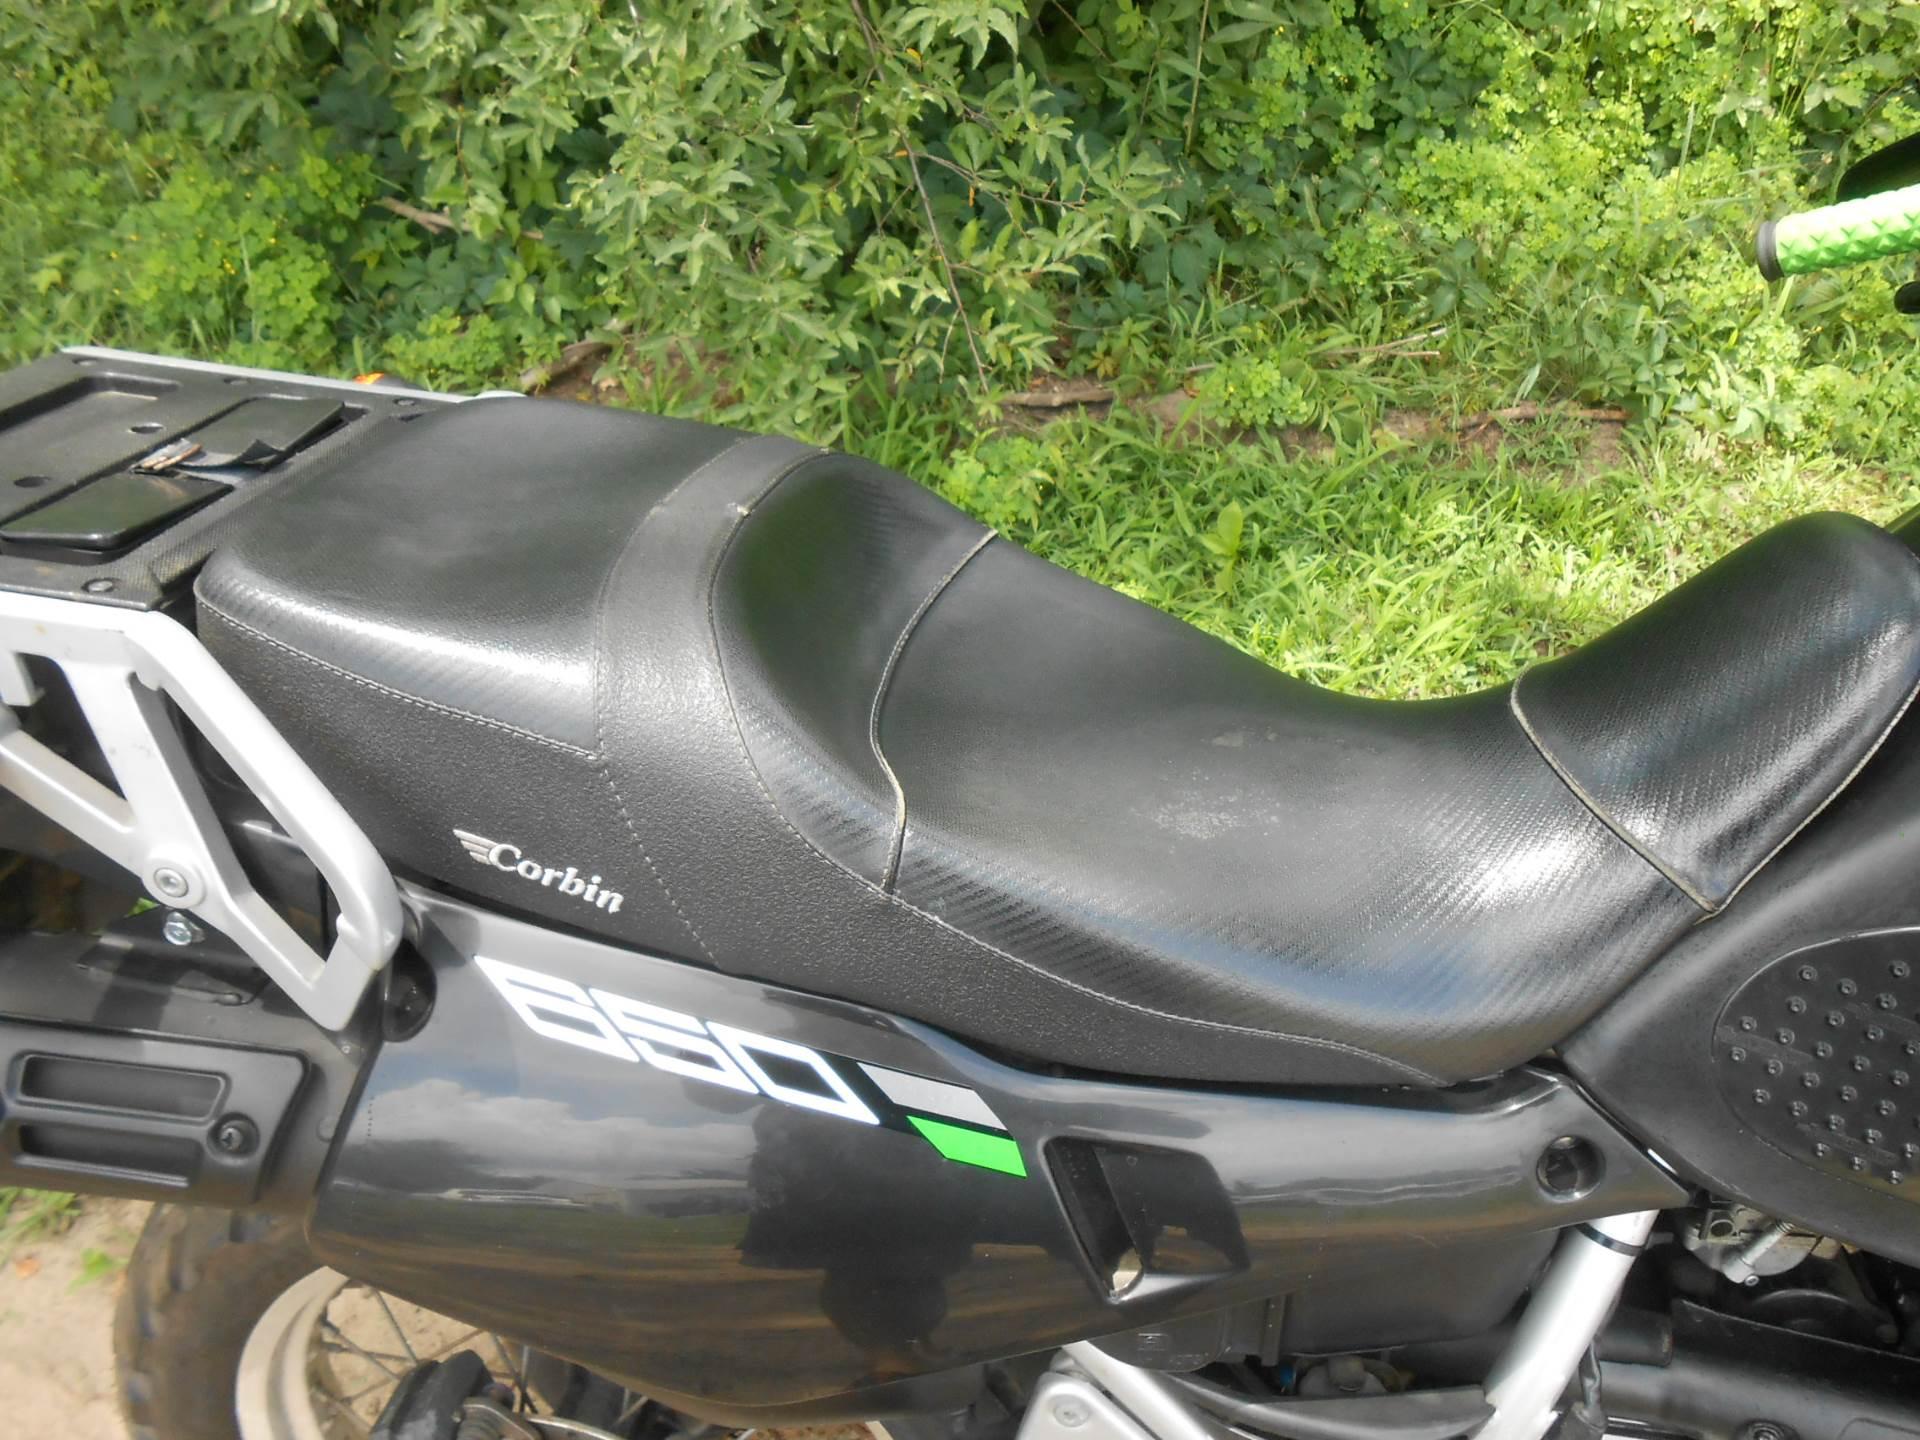 2007 Kawasaki KLR 650 11